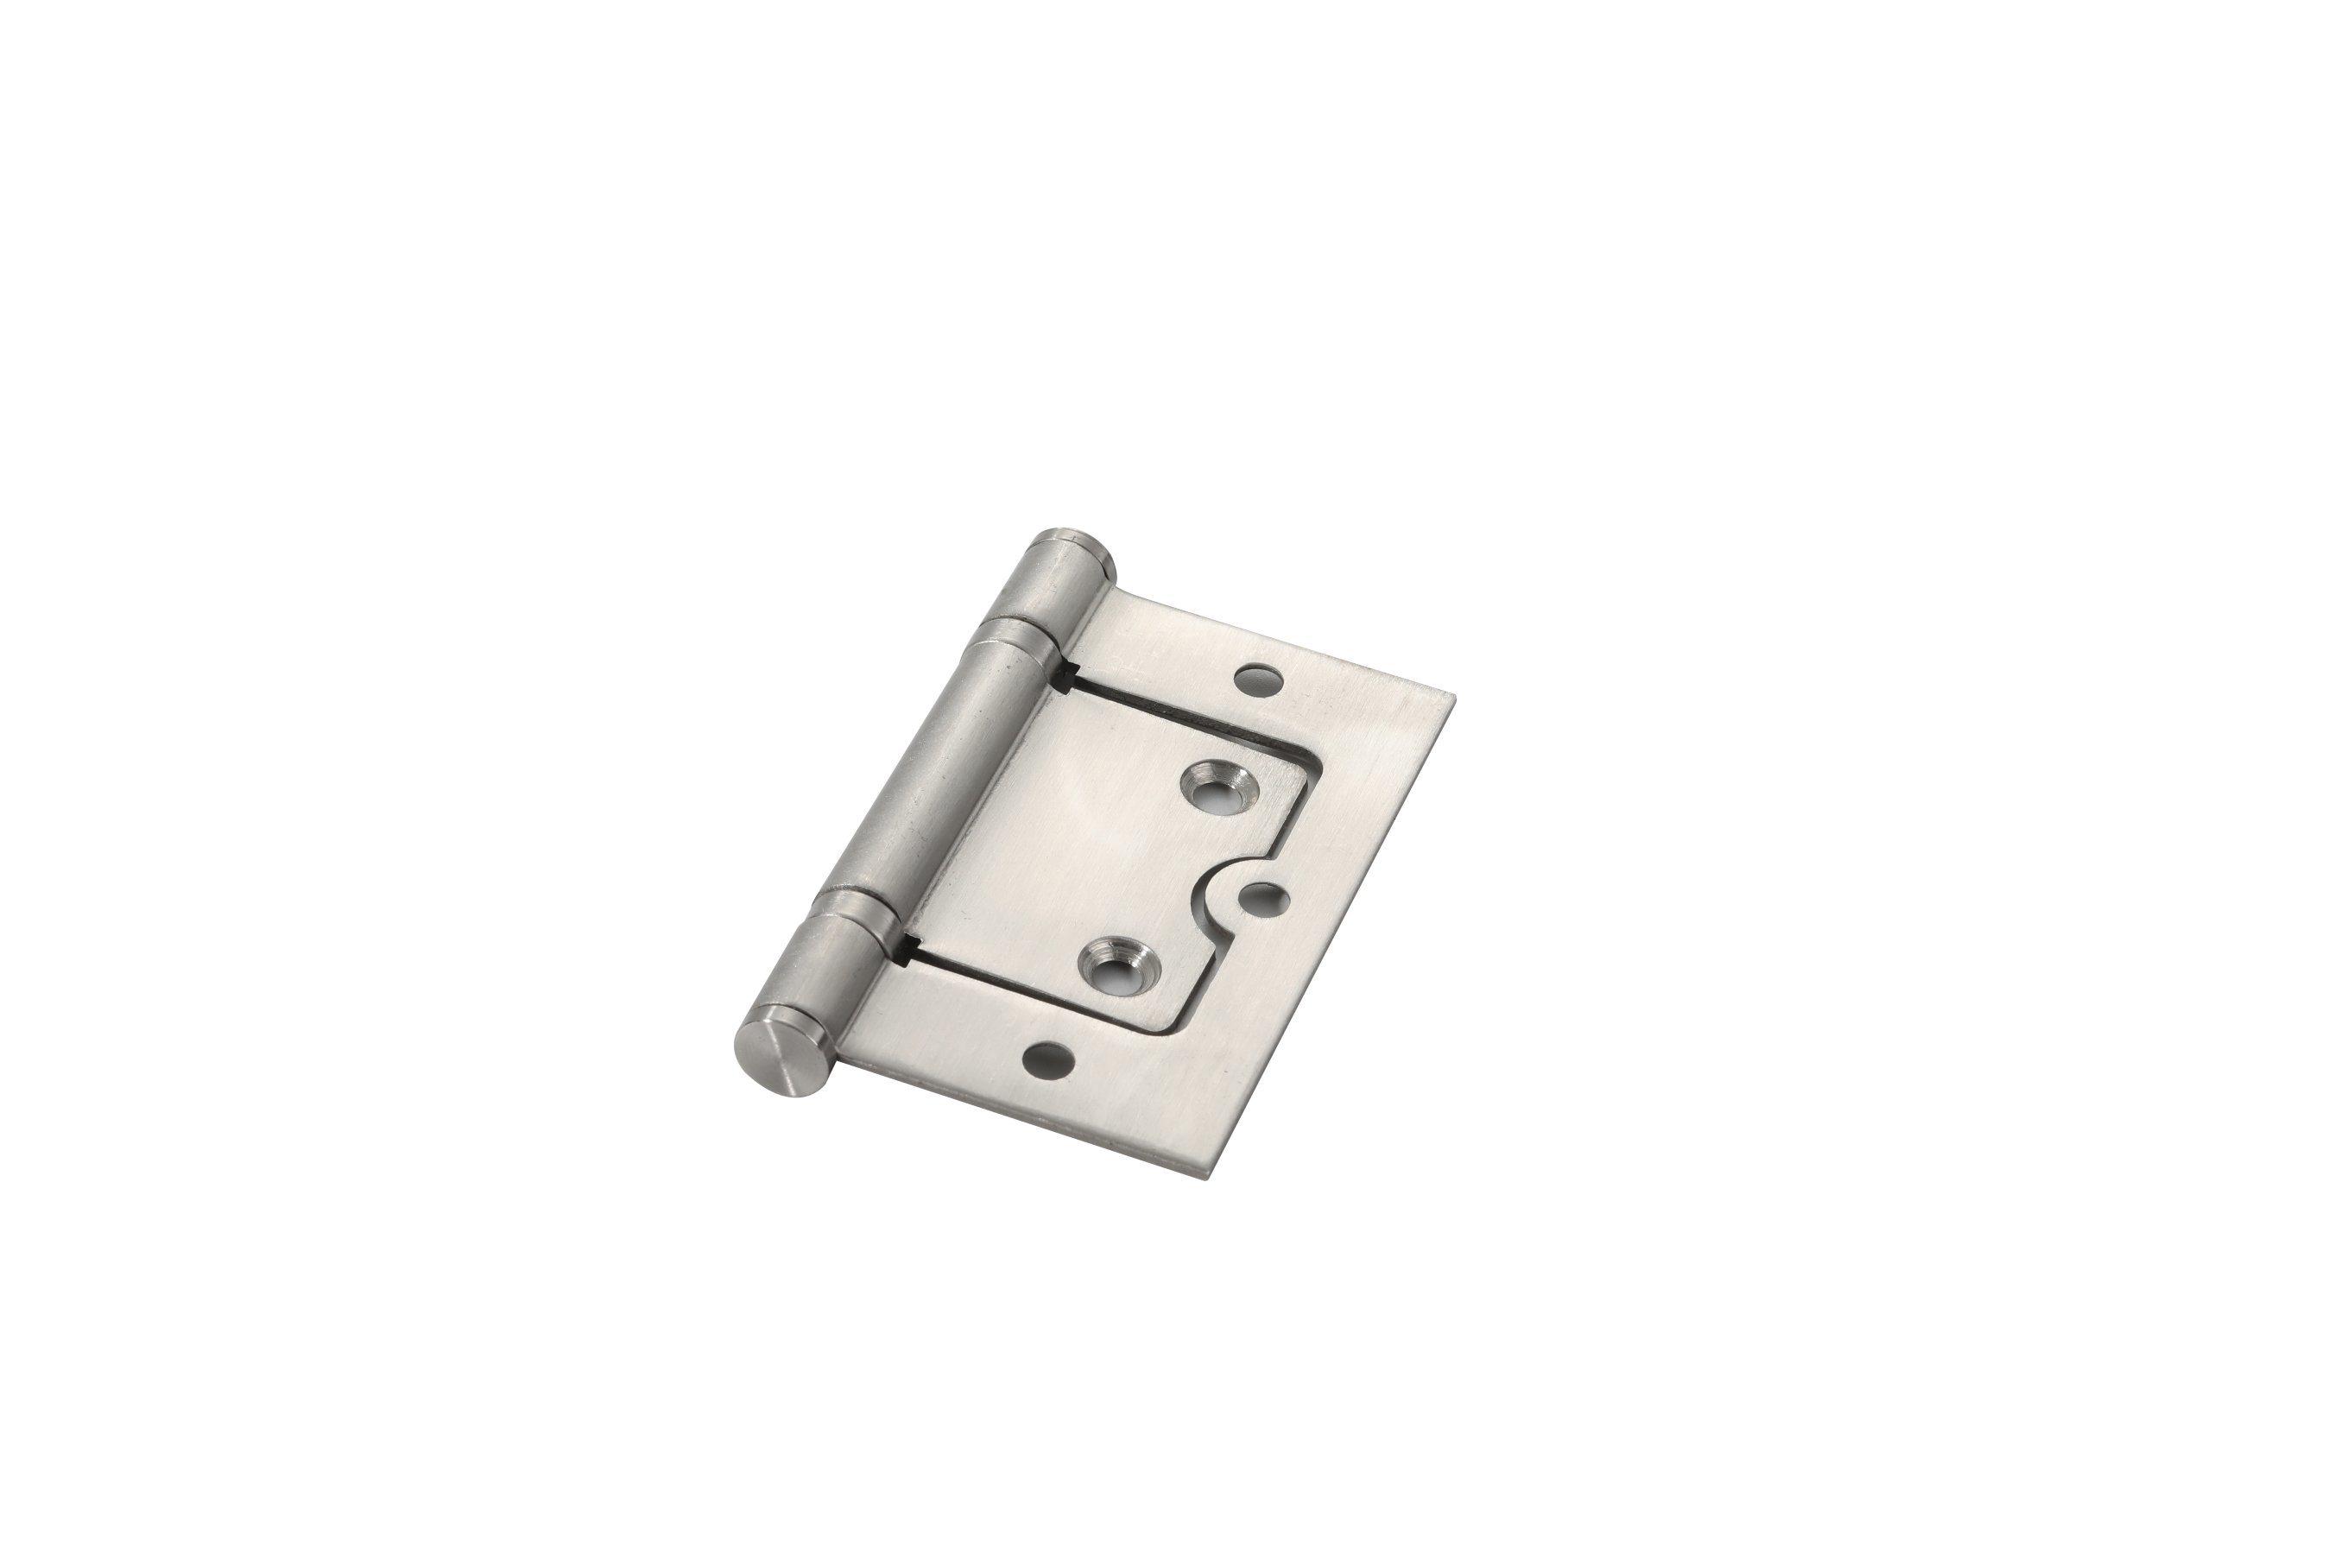 China Steel Door Hinge180 Degree Interior Timber Door Furniture 2bb Kitchen Cabinet Hardware Door Hinges China Hinge Door Hinges